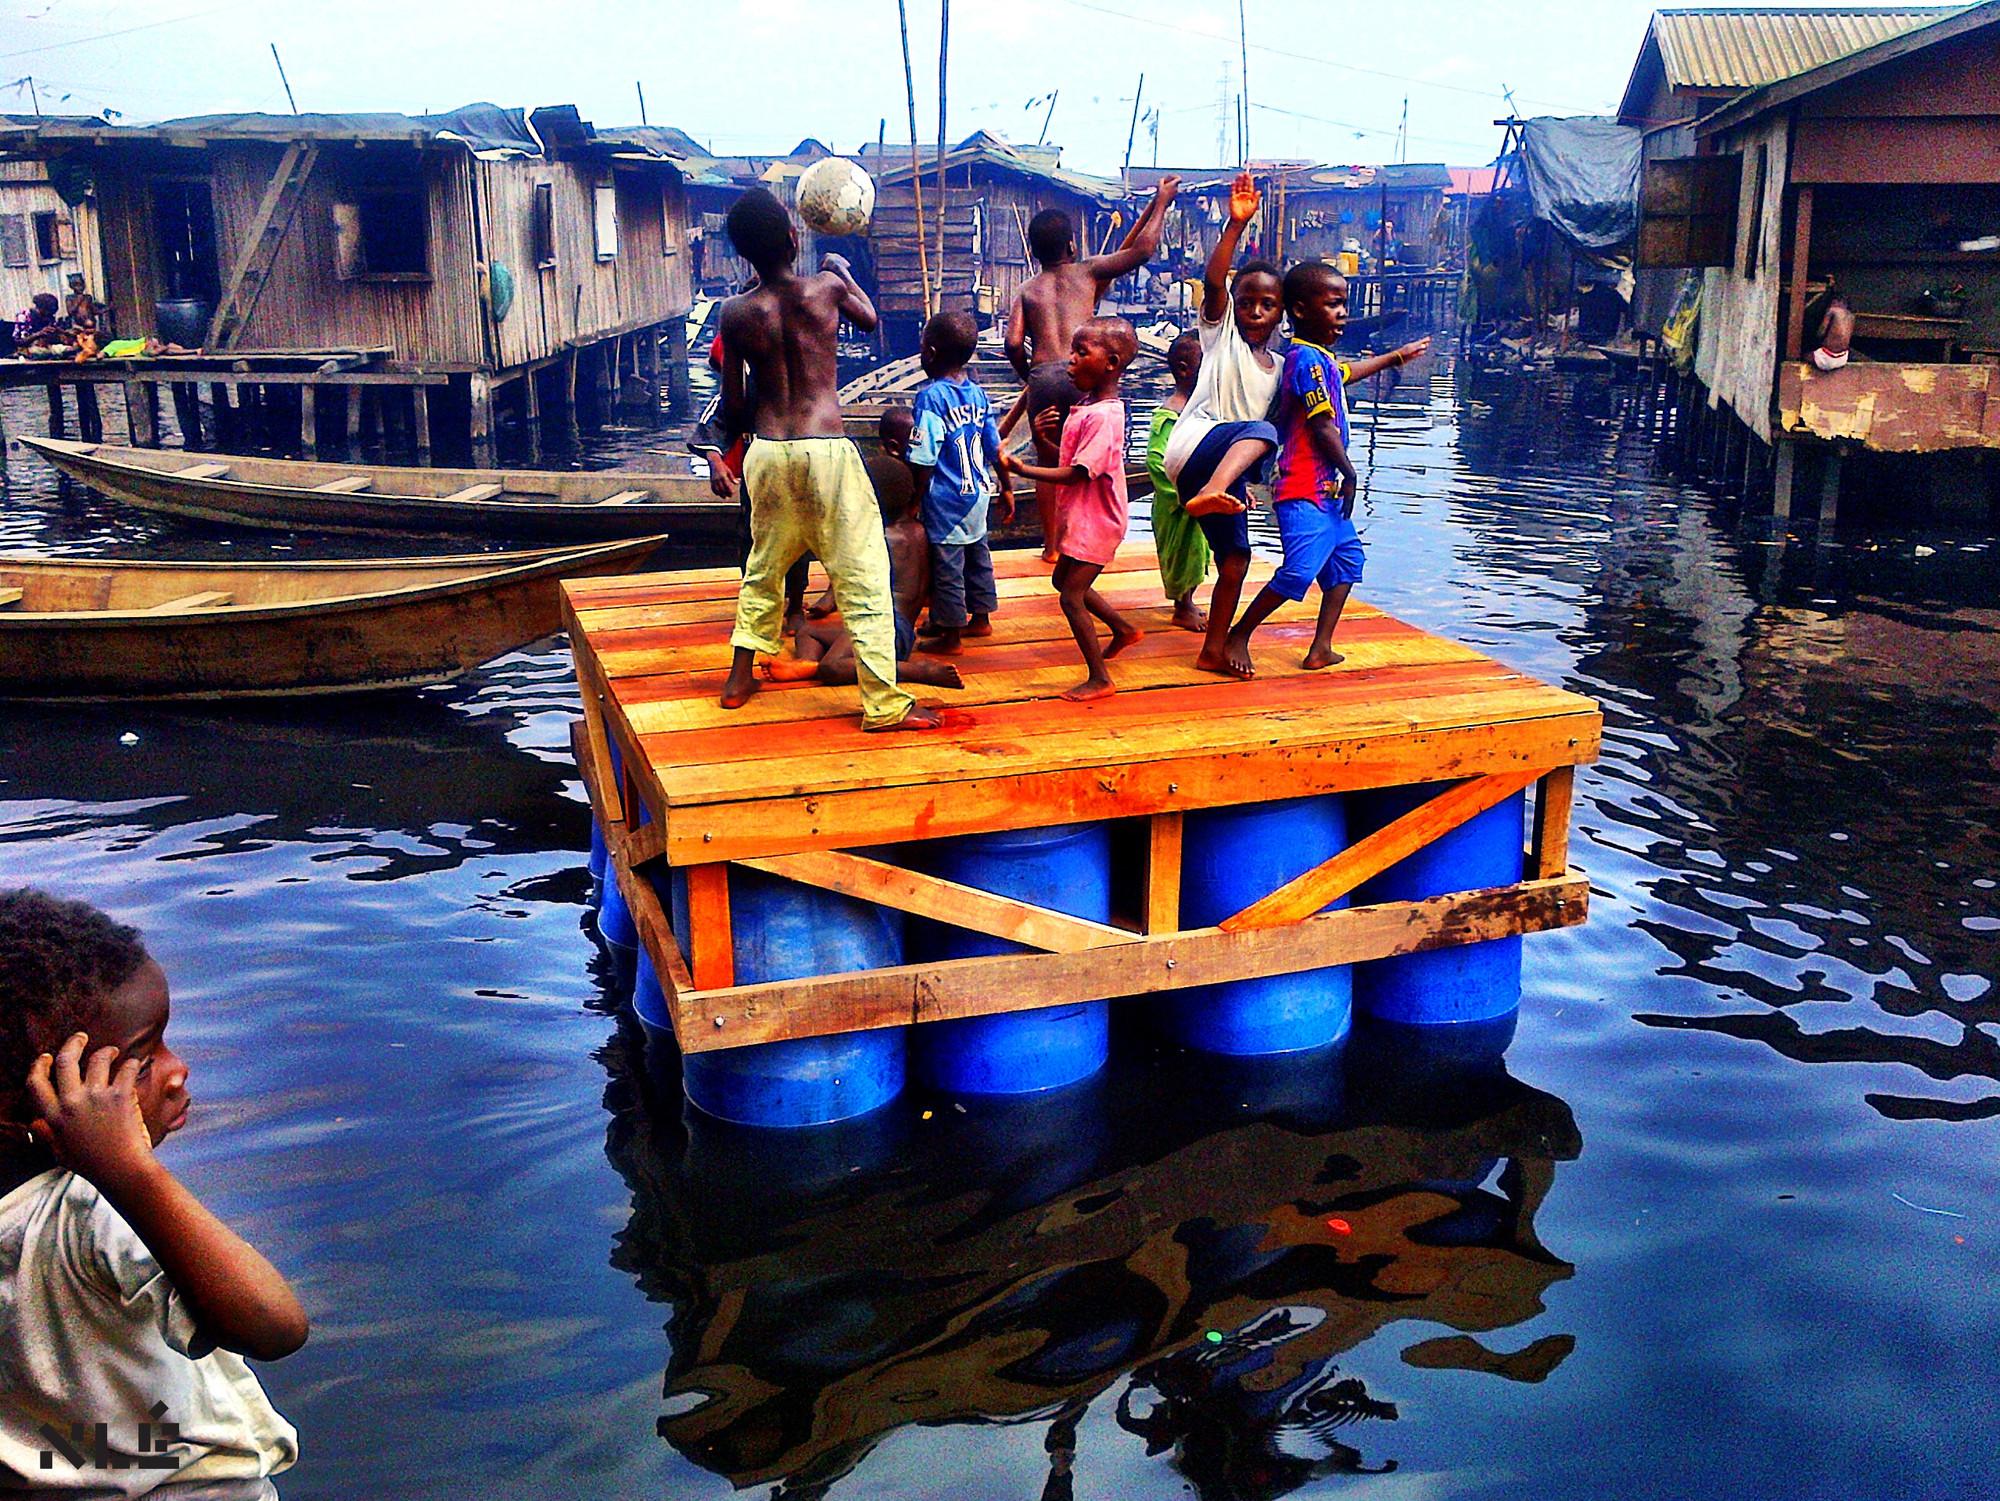 """Reveja os episódios da série """"Rebel Architecture"""" produzida pela Al Jazeera, Favela de Makoko, Lagos, Nigéria. Image Cortesia de Cortesia de Al Jazeera"""